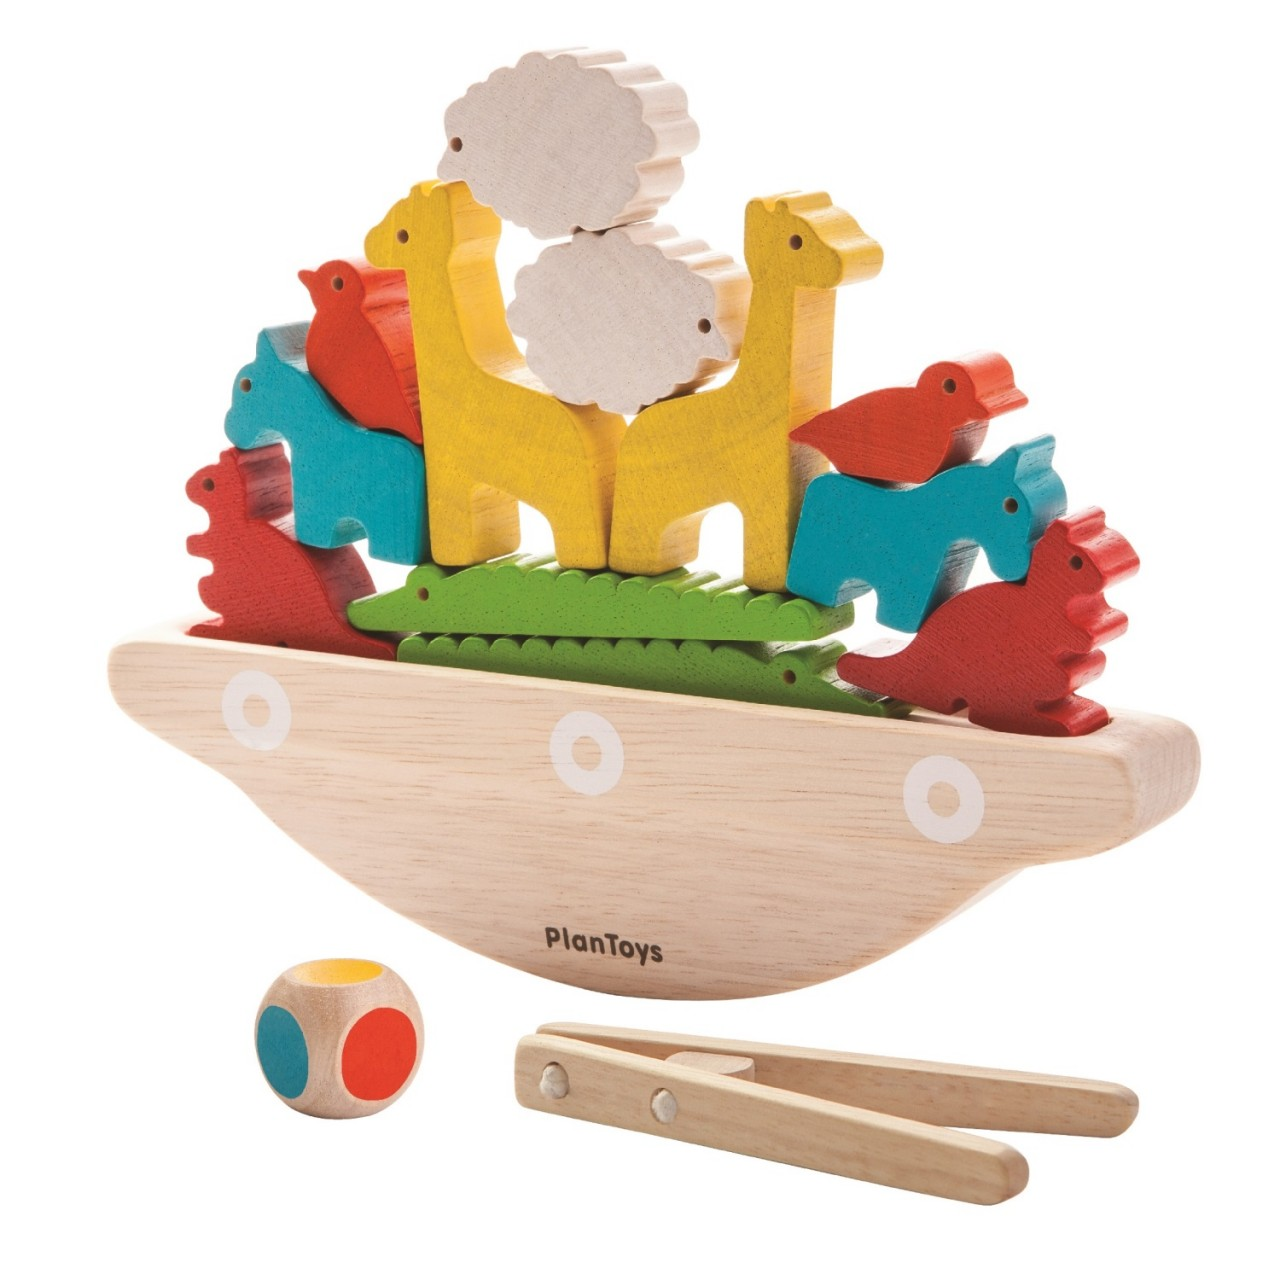 spielzeug für kinder ab 4 jahre - bio & natürlich